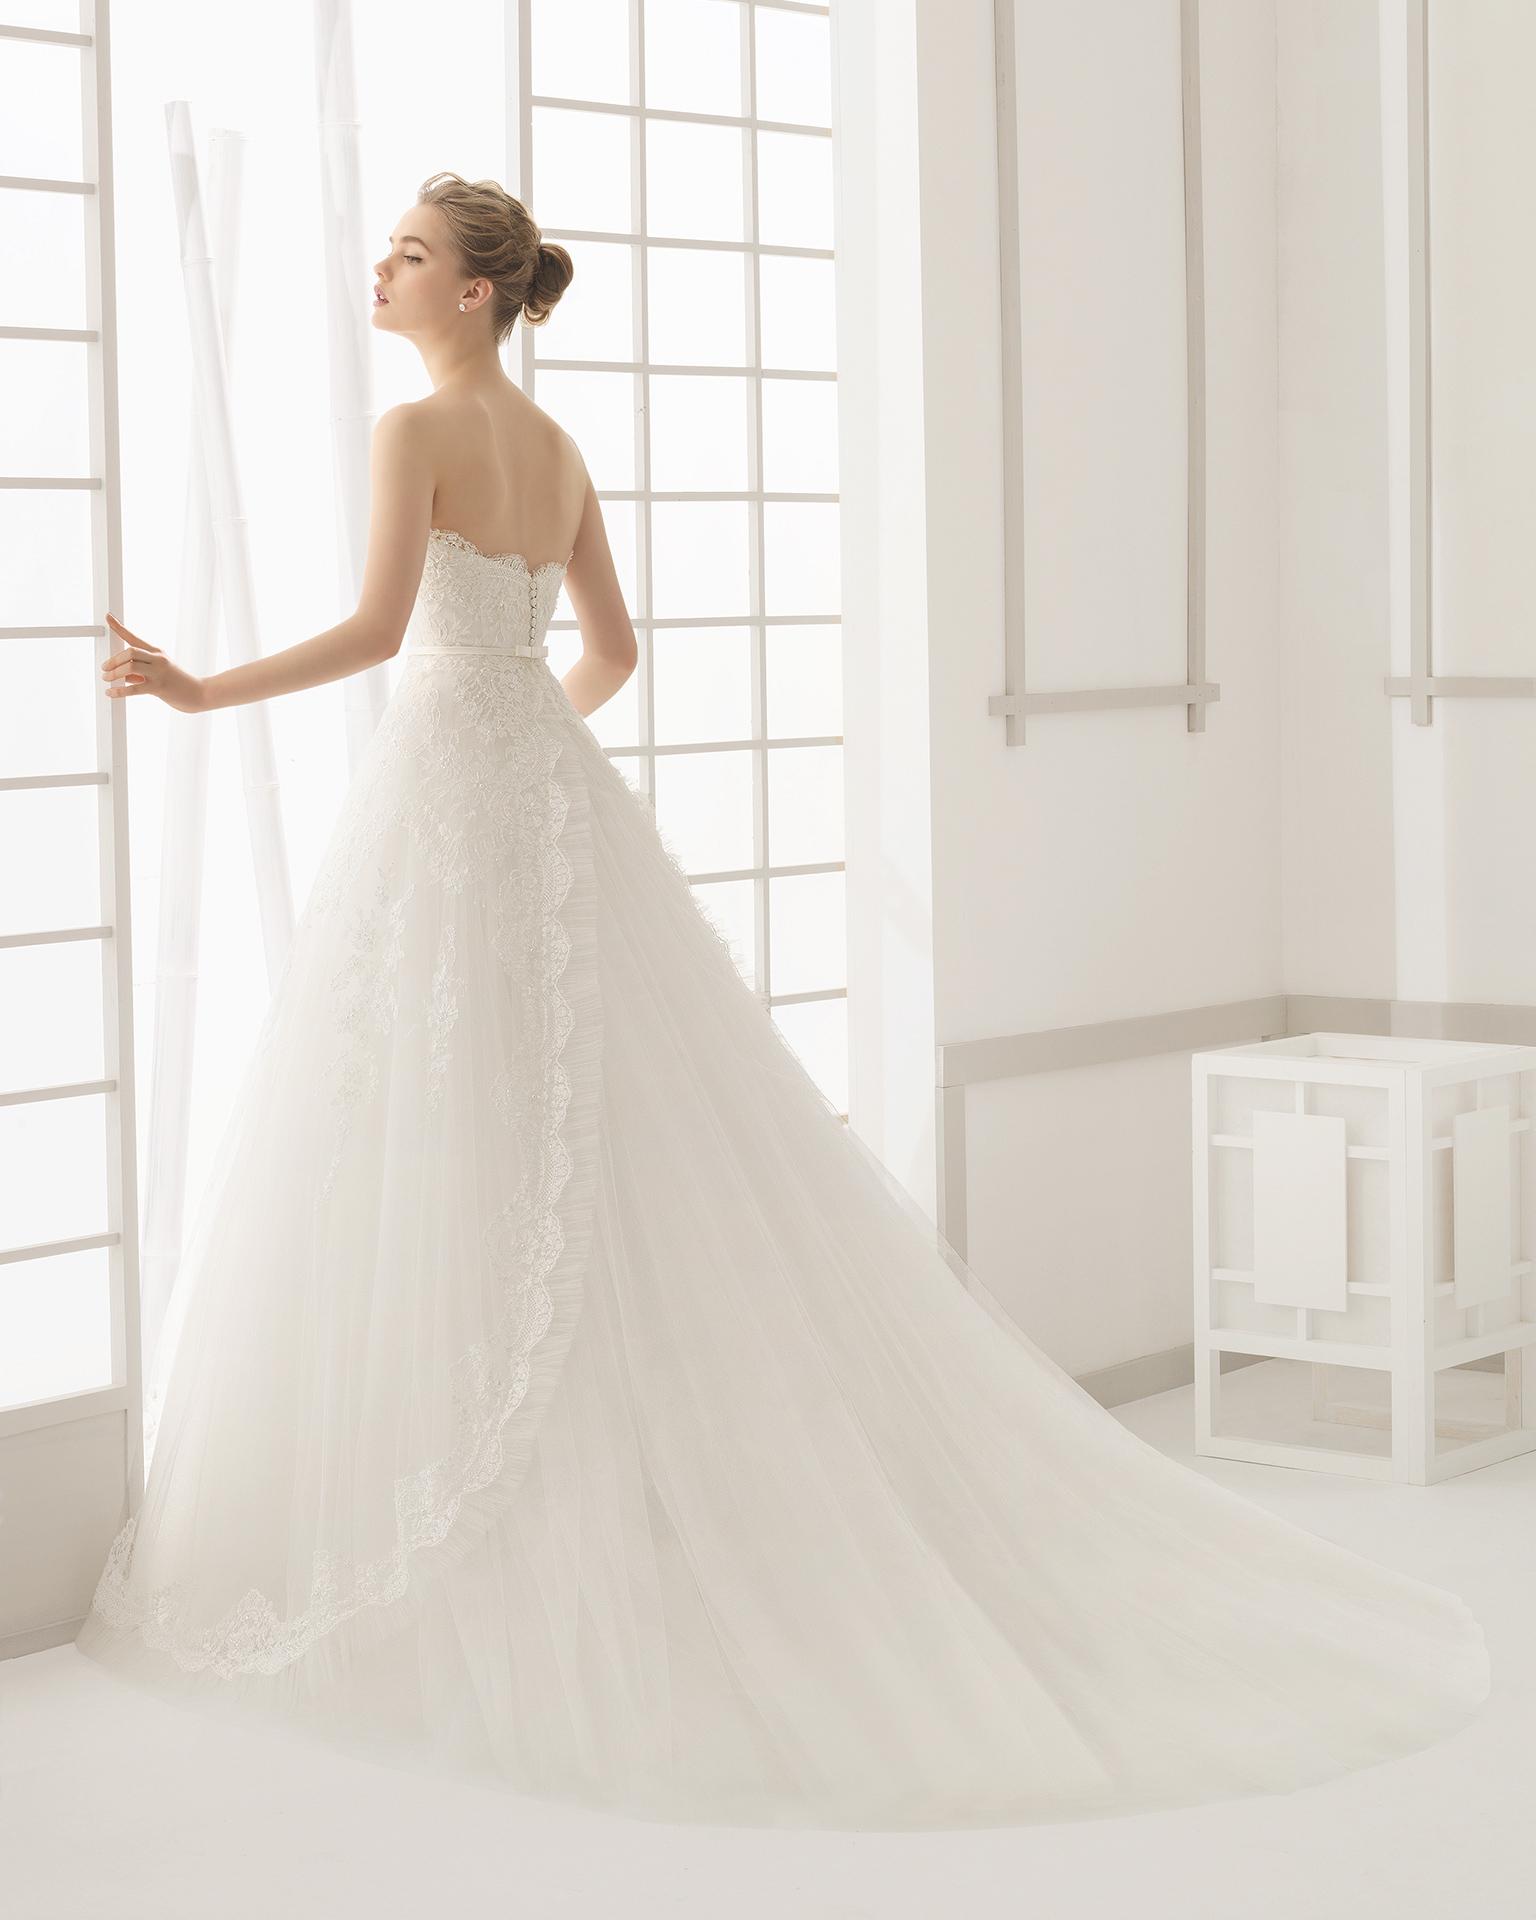 1f74267f5dd8 Magazzini D Amico negozio abiti da sposa Palermo corso calatafimi ...